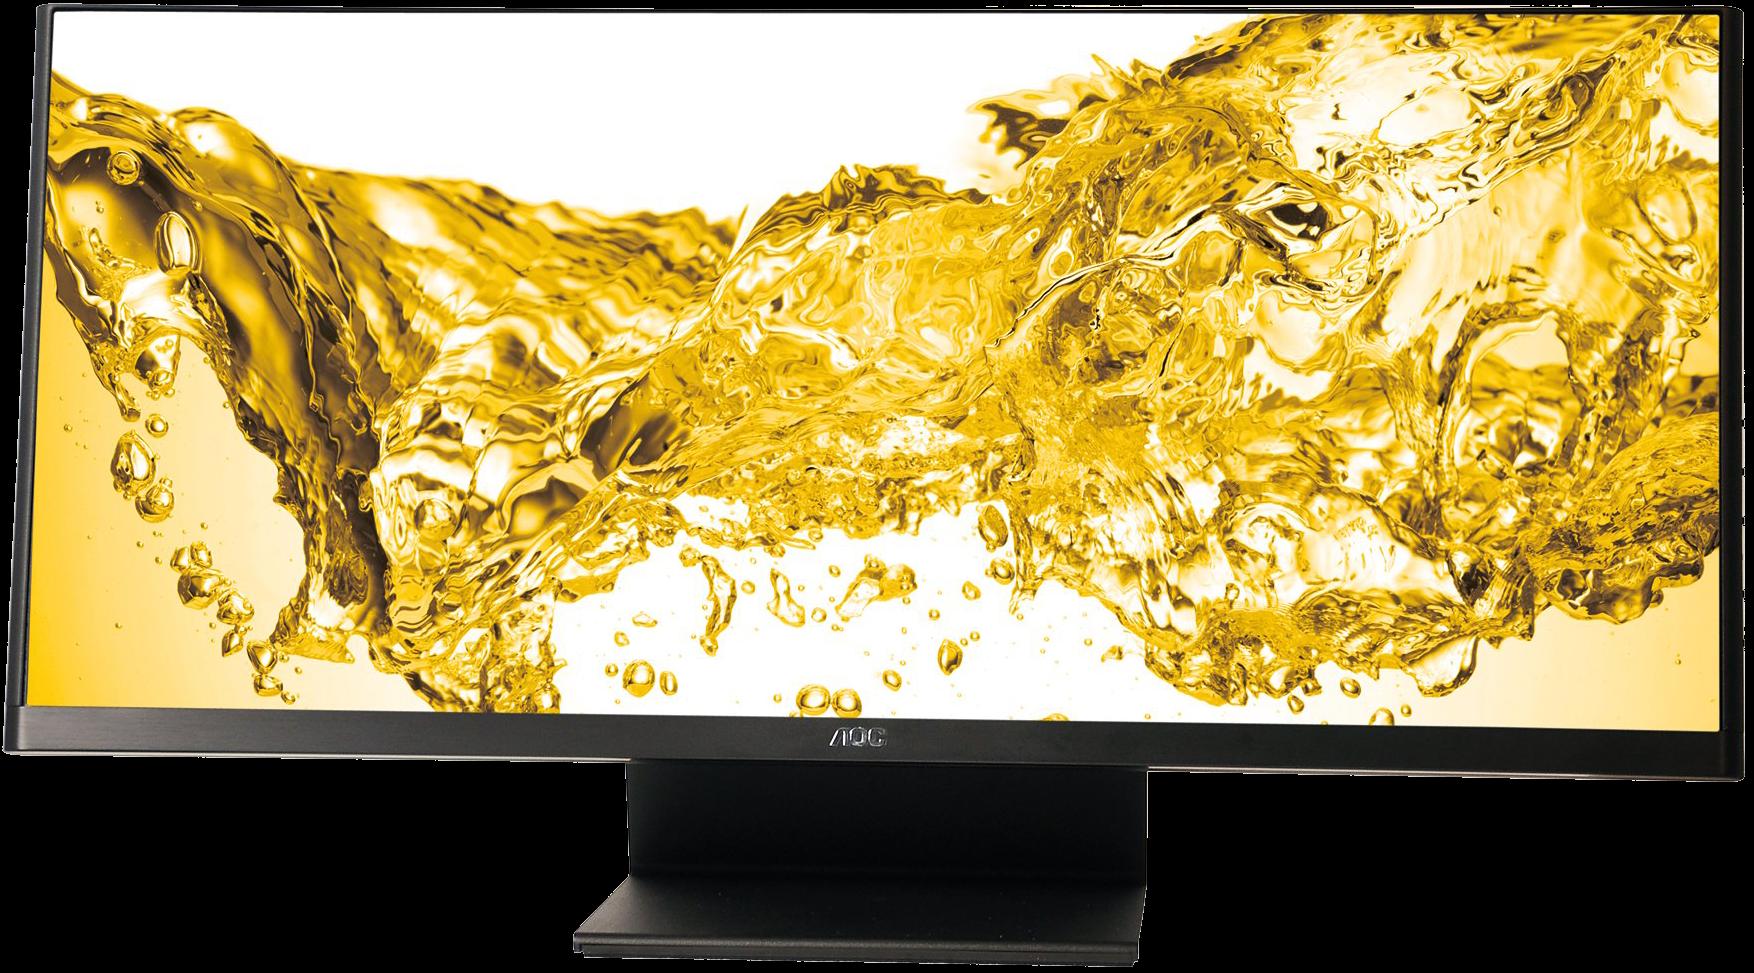 """73,7 см (29 """") панель монитора содержит более 2,7 млн. пикселов: myMulti-Play обеспечивает просмотр кинофильмов в..."""